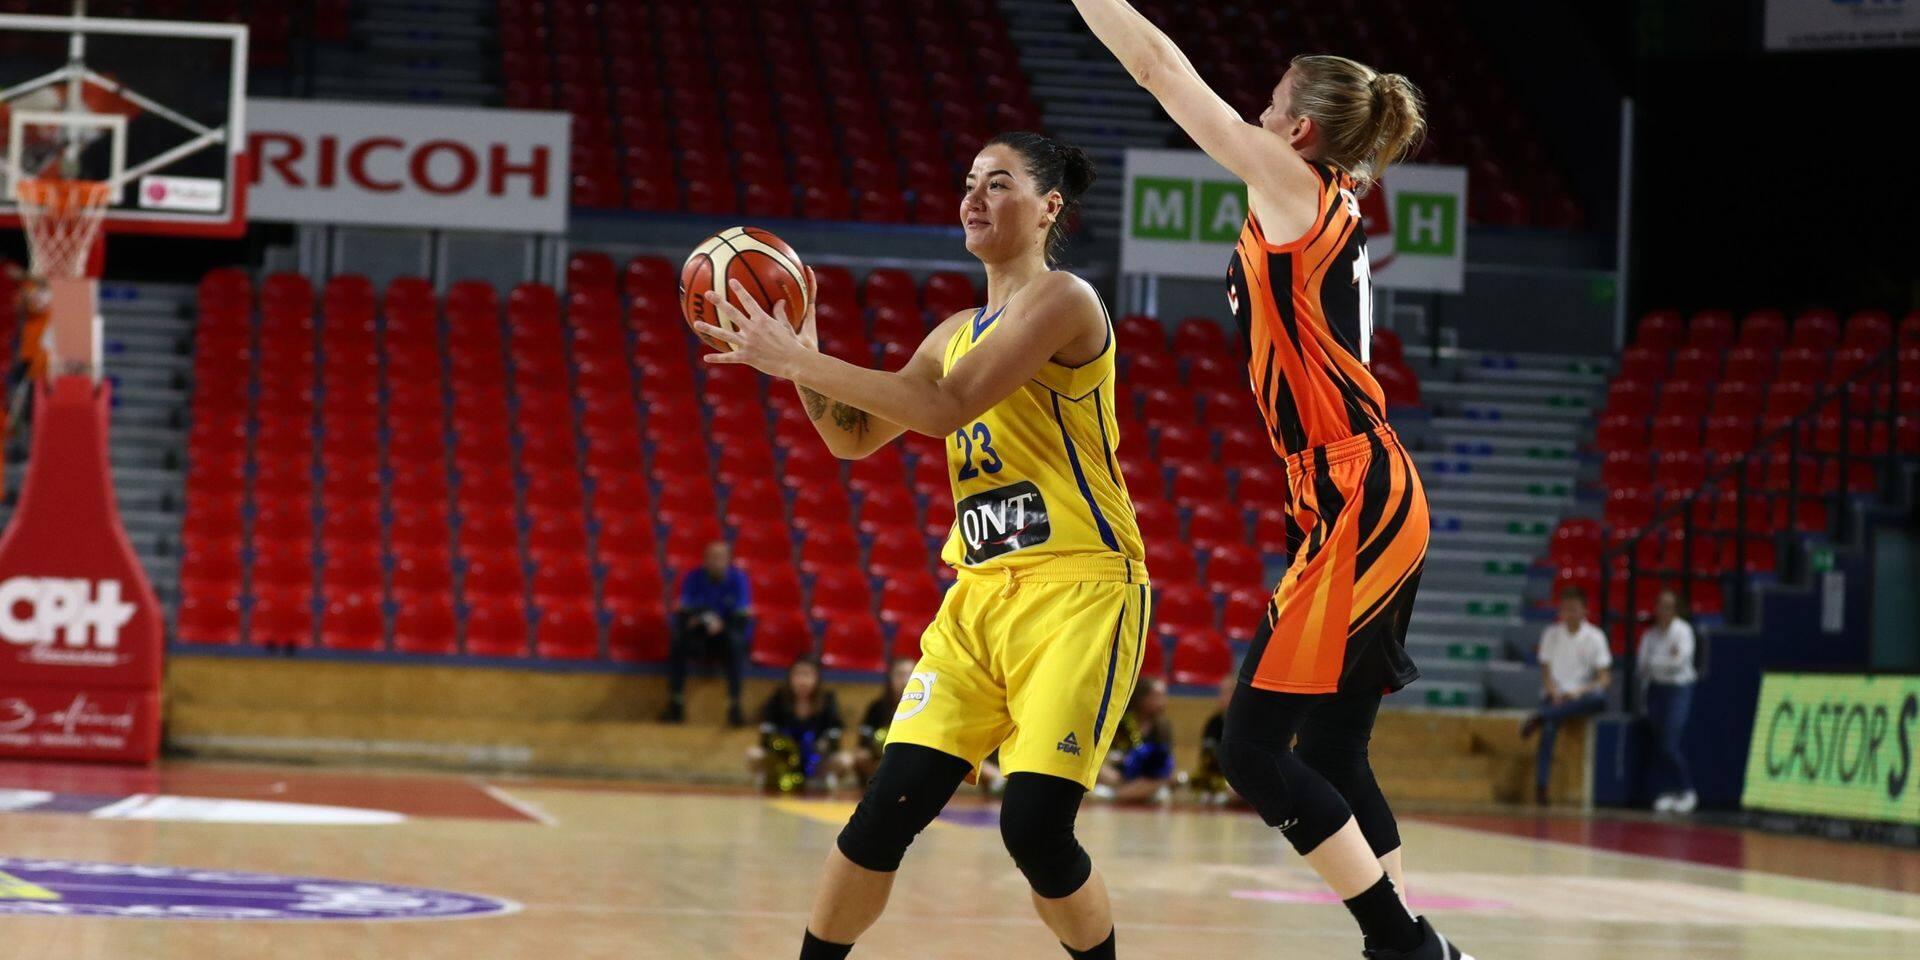 Basket-ball: Braine s'incline avec les honneurs face à l'Eka (79-87)